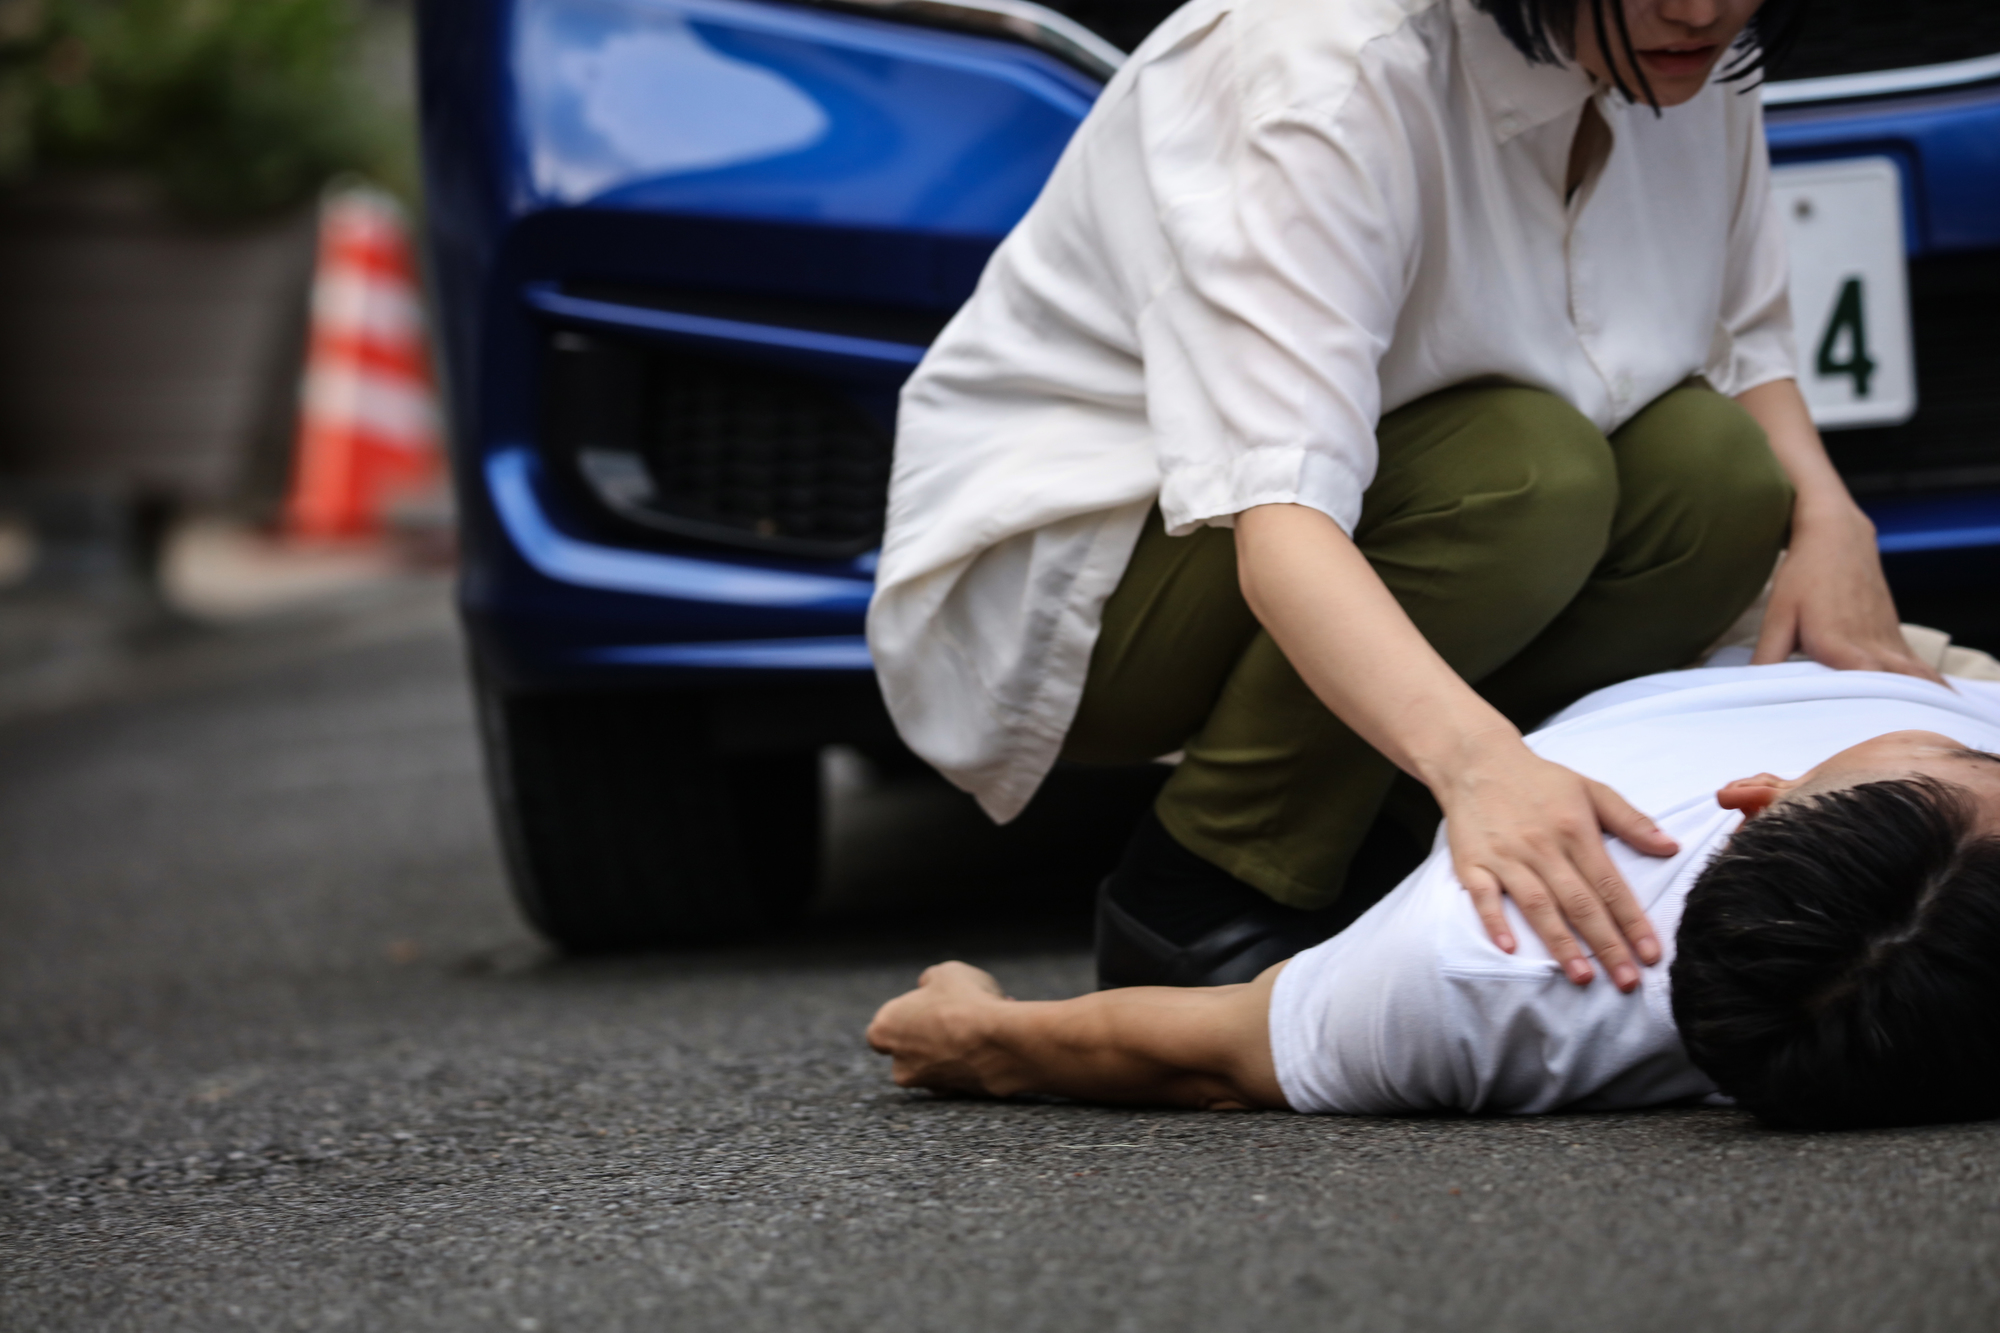 罰金 人身 なし 事故 交通